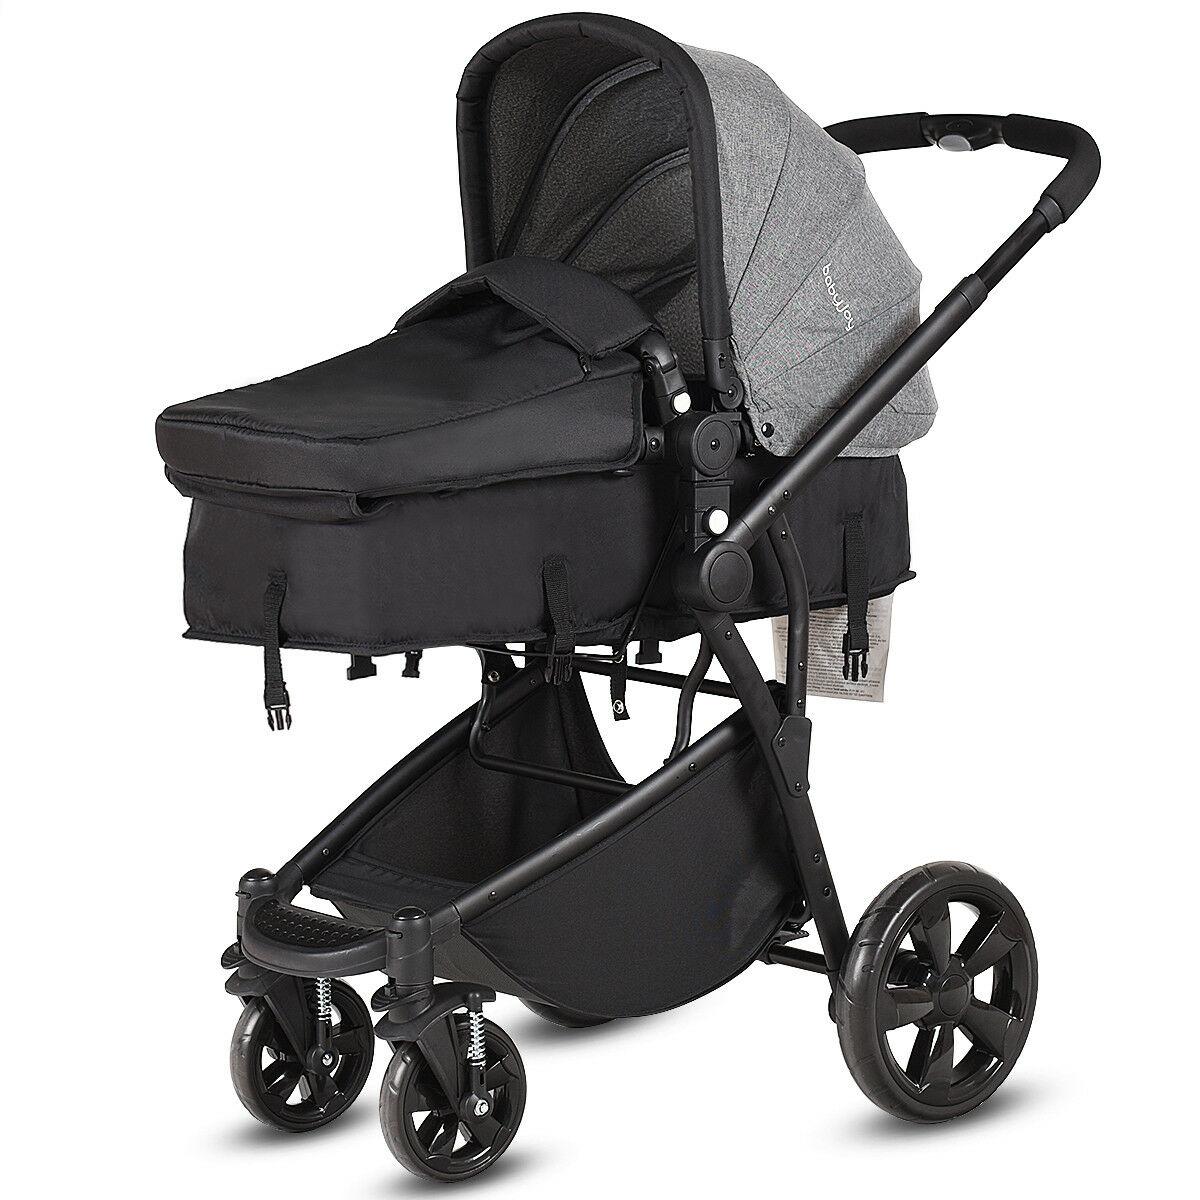 Black 2 in 1 Baby Stroller